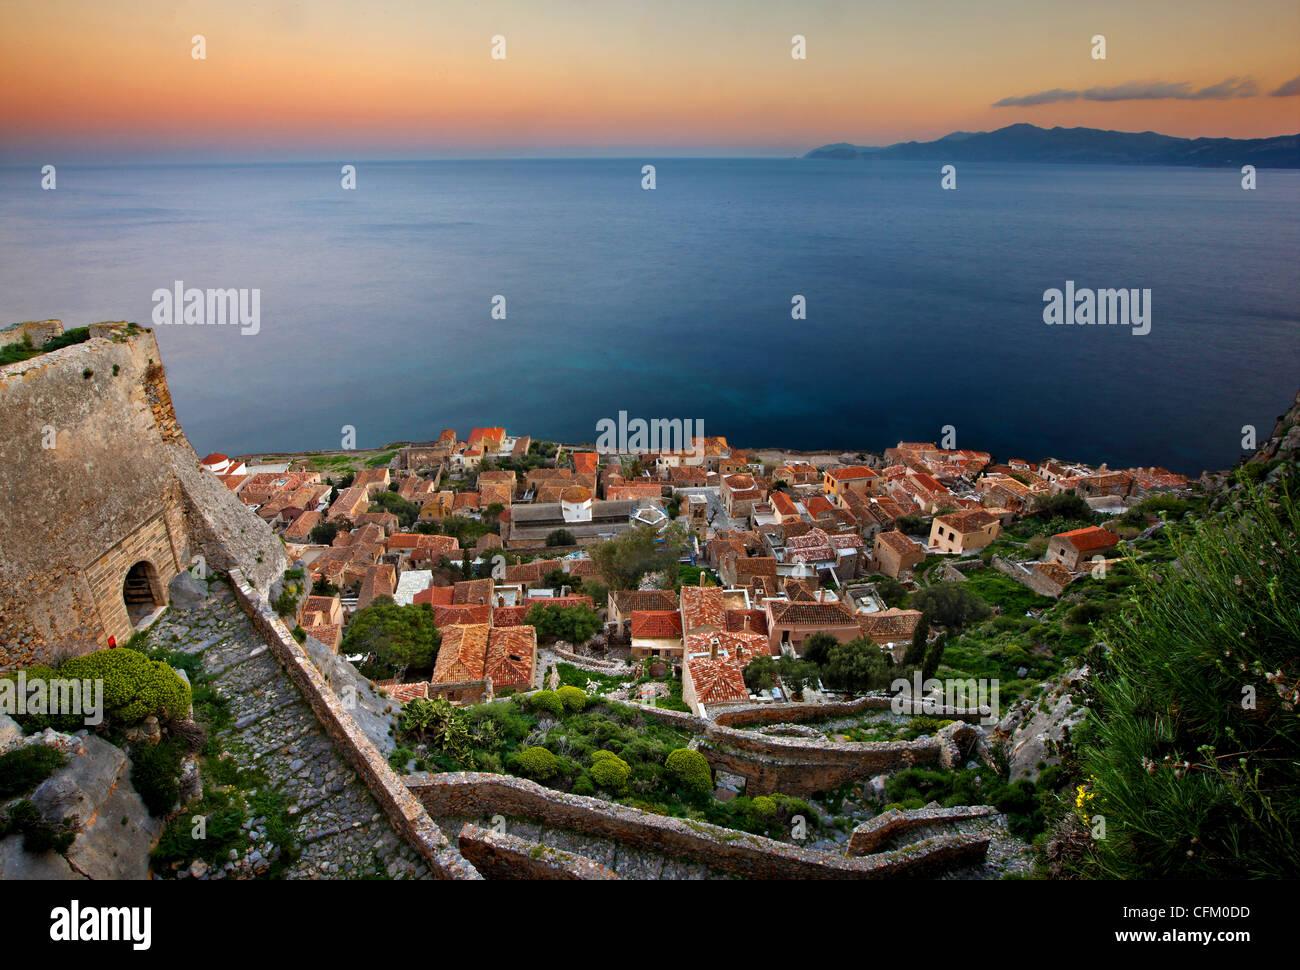 """Die mittelalterliche """"Castletown"""" Monemvasia (oder """"Malvasia"""") um Sonnenuntergang. Präfektur Stockbild"""